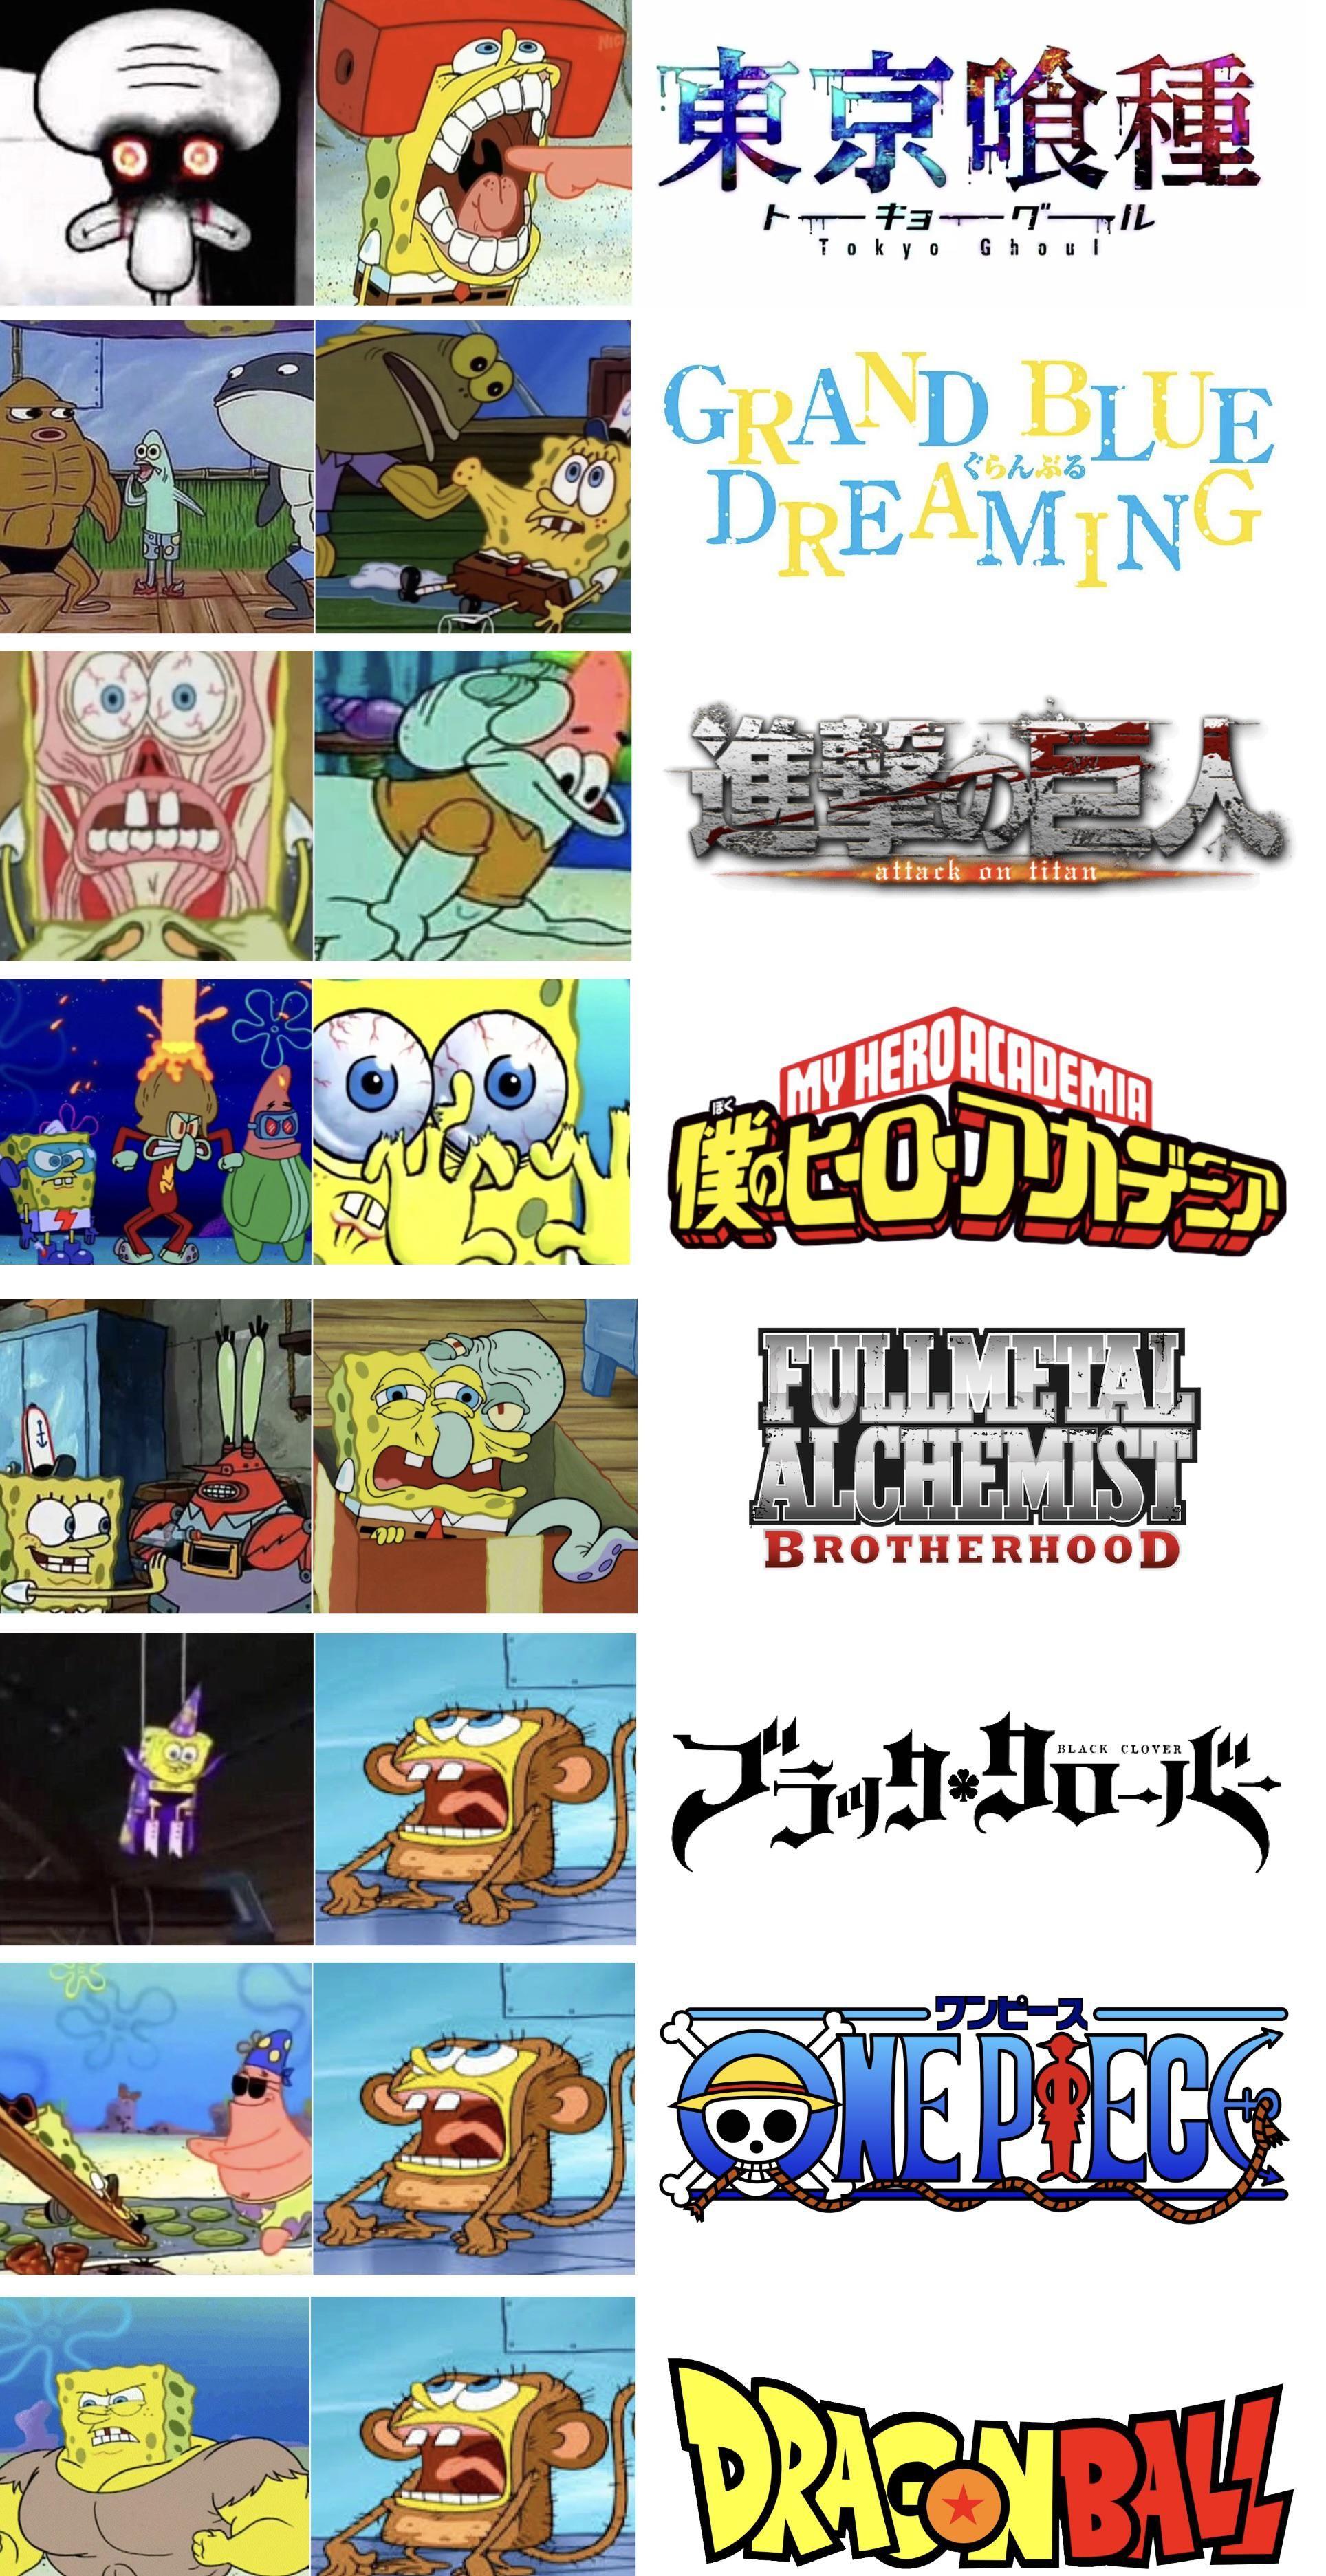 Art style vs plot of different anime series shown as Spongebob memes